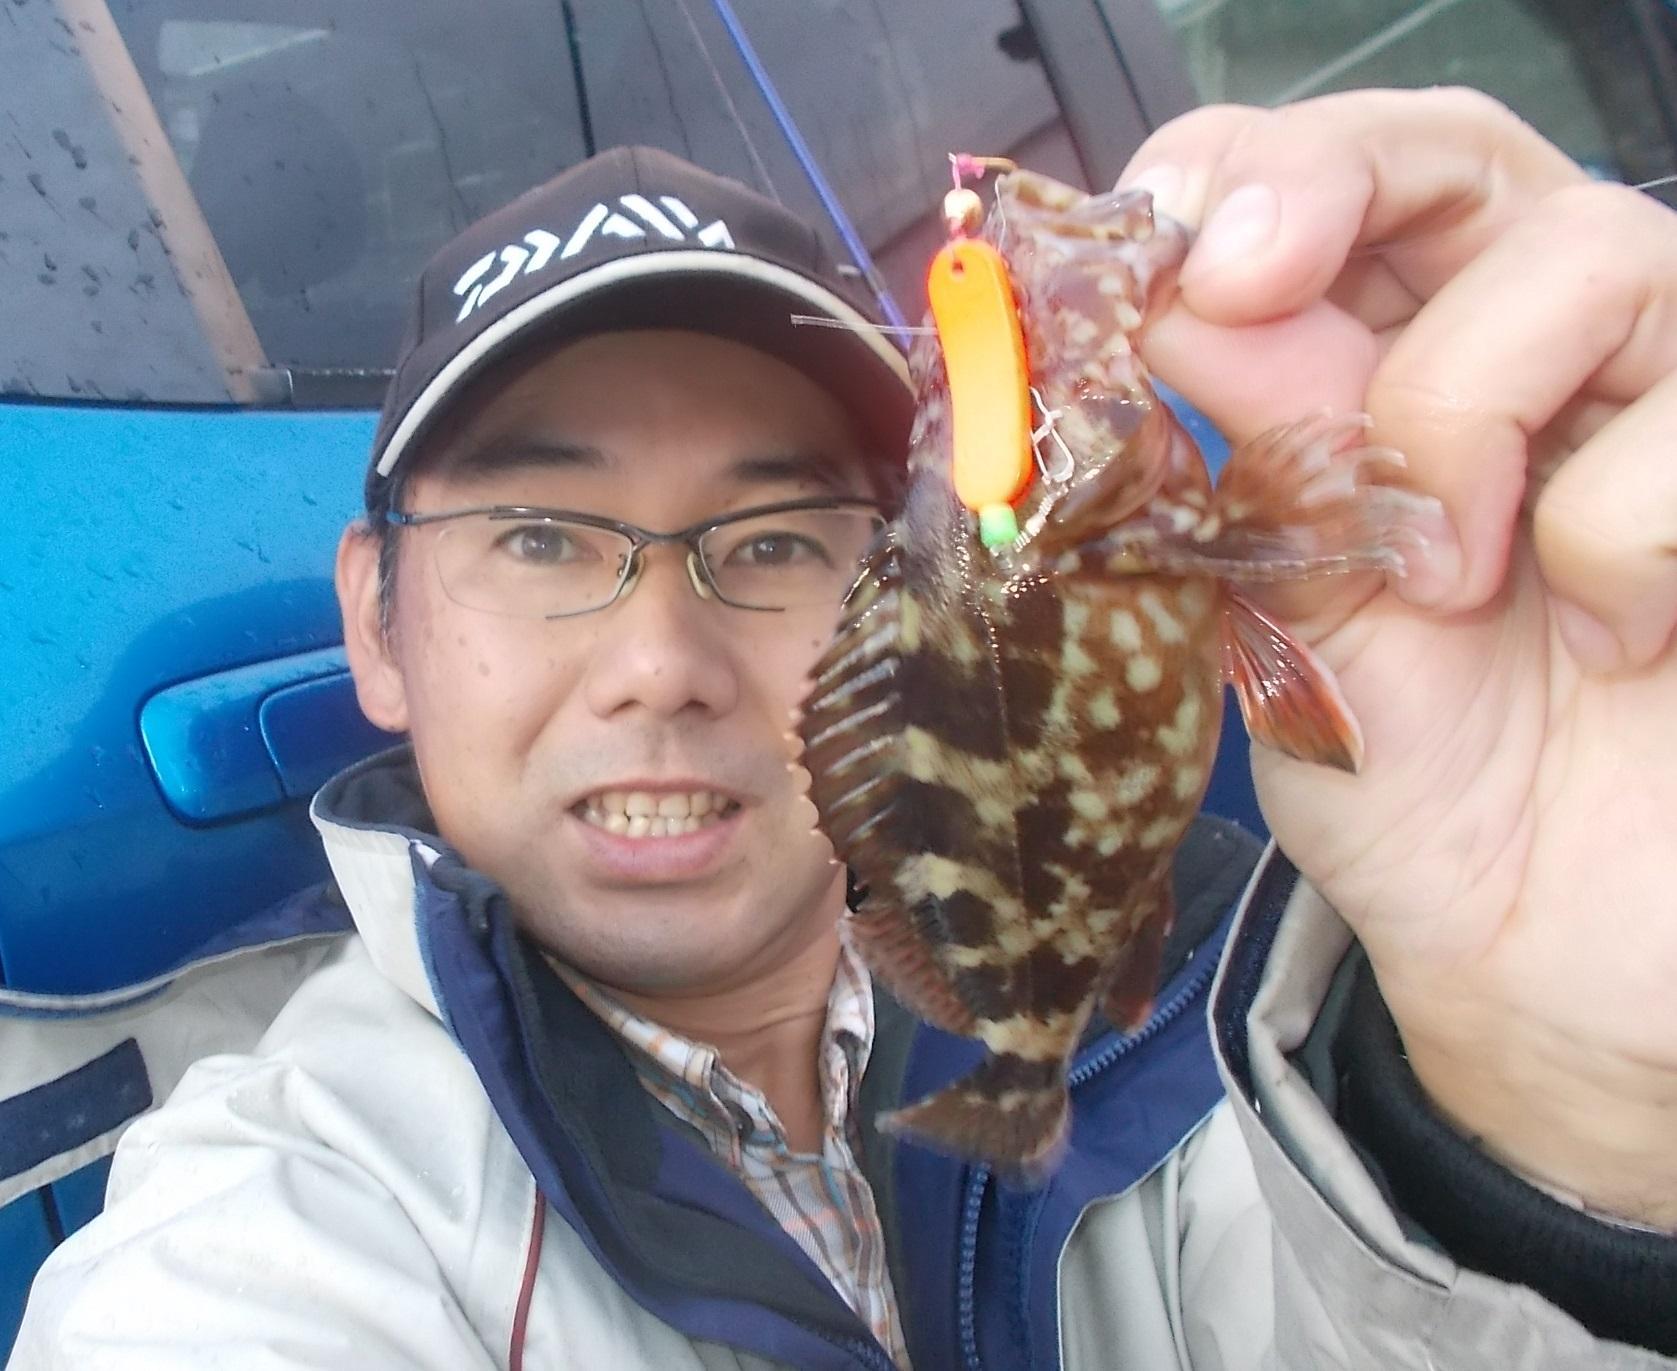 足元を探り歩いてカサゴが釣れましたよ。落しても投げても何でも釣れる!ハンティングブラー使ってみてください。